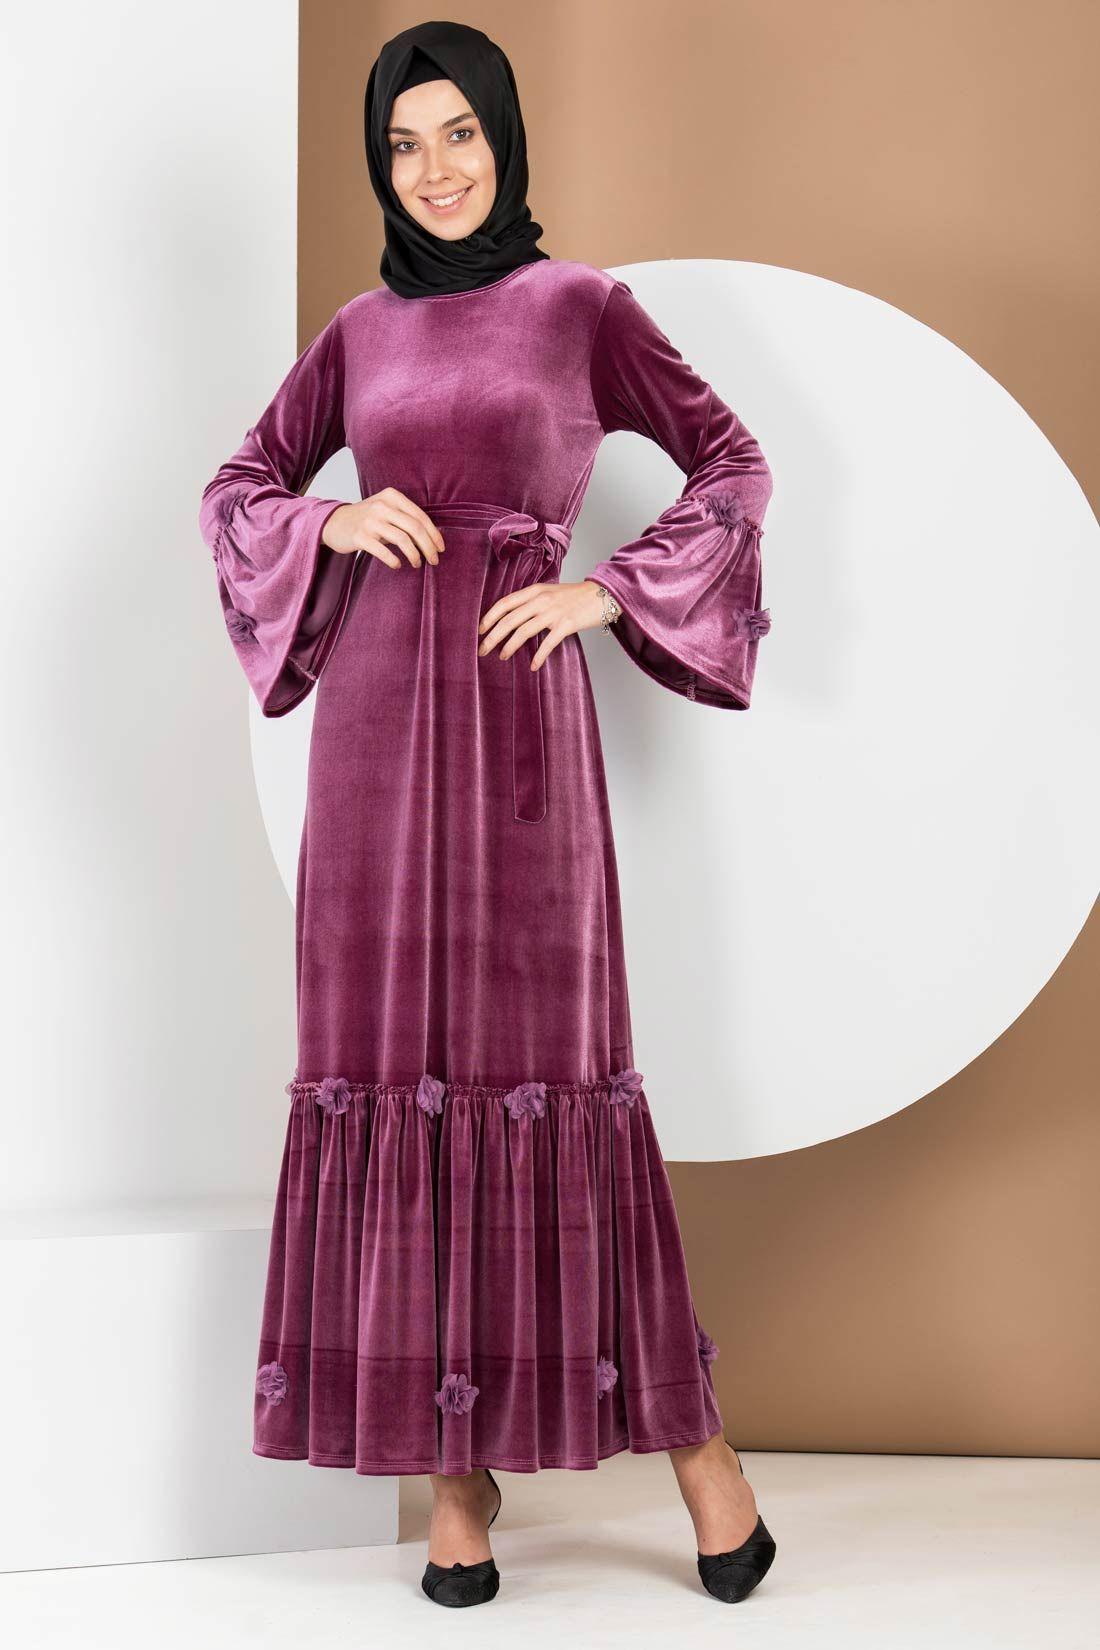 b7c0efbd7ac8d Valon Kol Gül Kurusu Kadife Elbise in 2019   tesettür giyim   Elbise ...